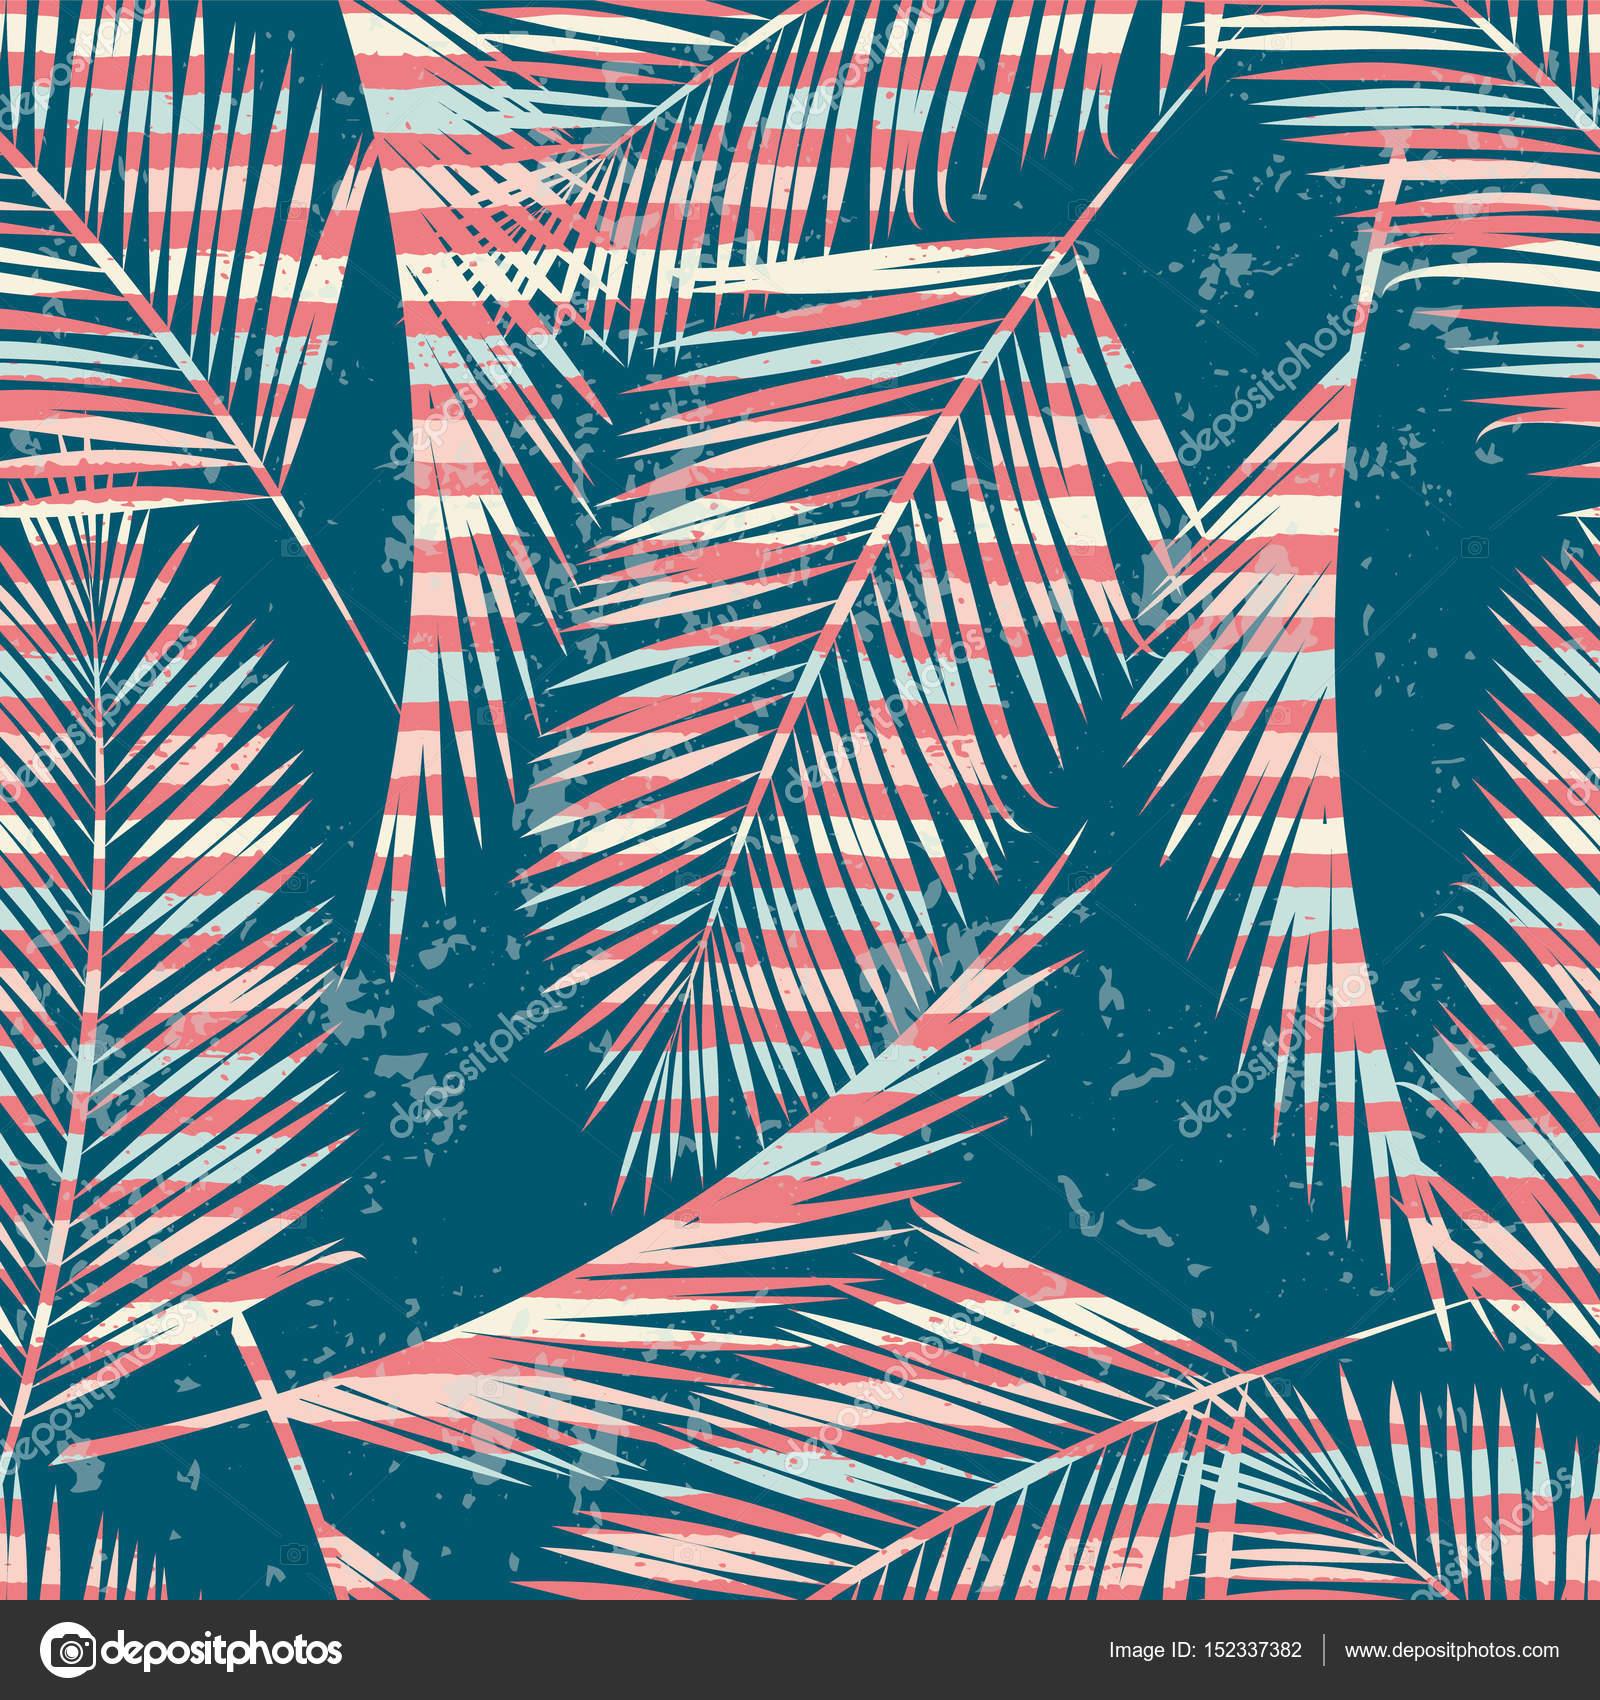 712ee0f3b3 Moda patrones exóticos sin fisuras con Palma y elementos geométricos —  Archivo Imágenes Vectoriales